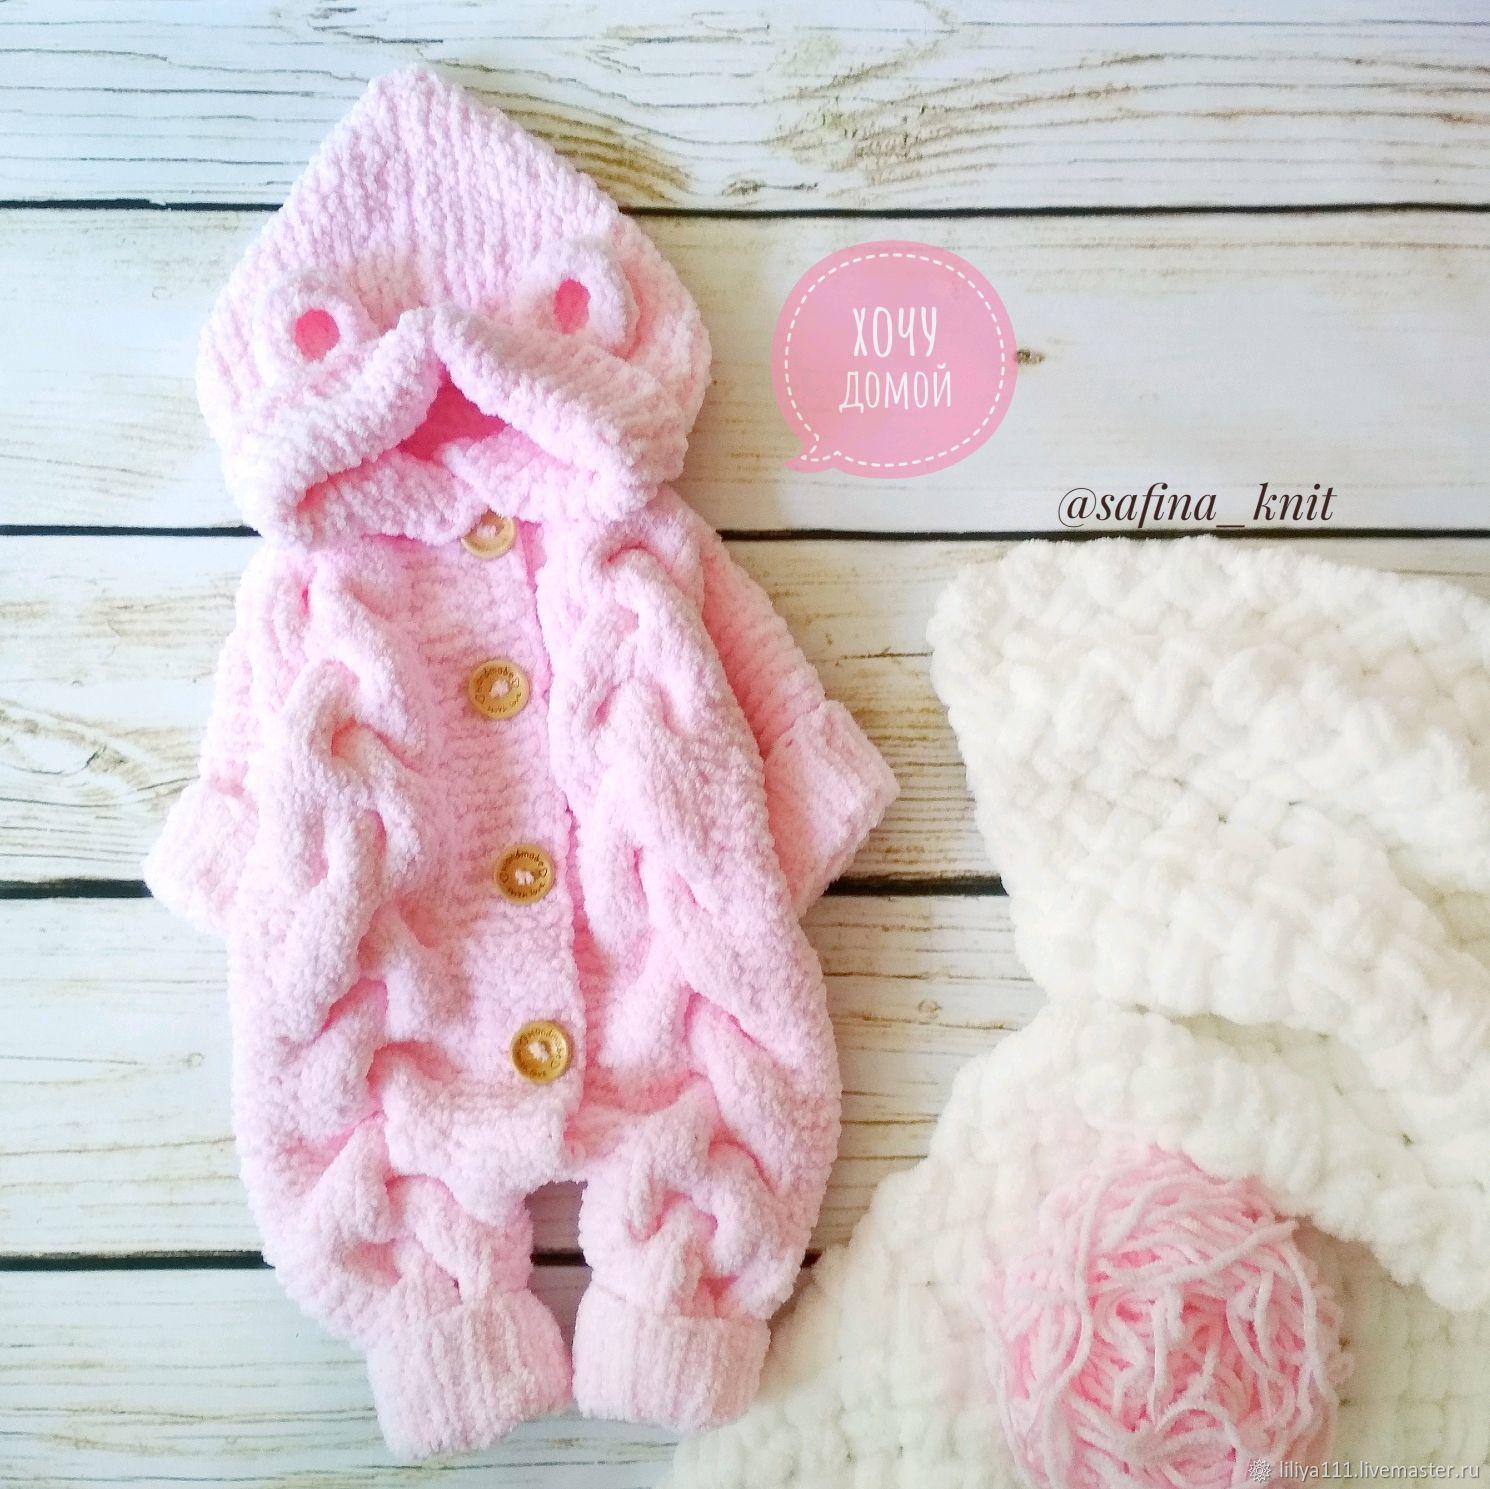 Одежда ручной работы. Ярмарка Мастеров - ручная работа. Купить Плюшевый мишка. Handmade. Комбинезон детский, для новорожденной, одежда для новорожденных